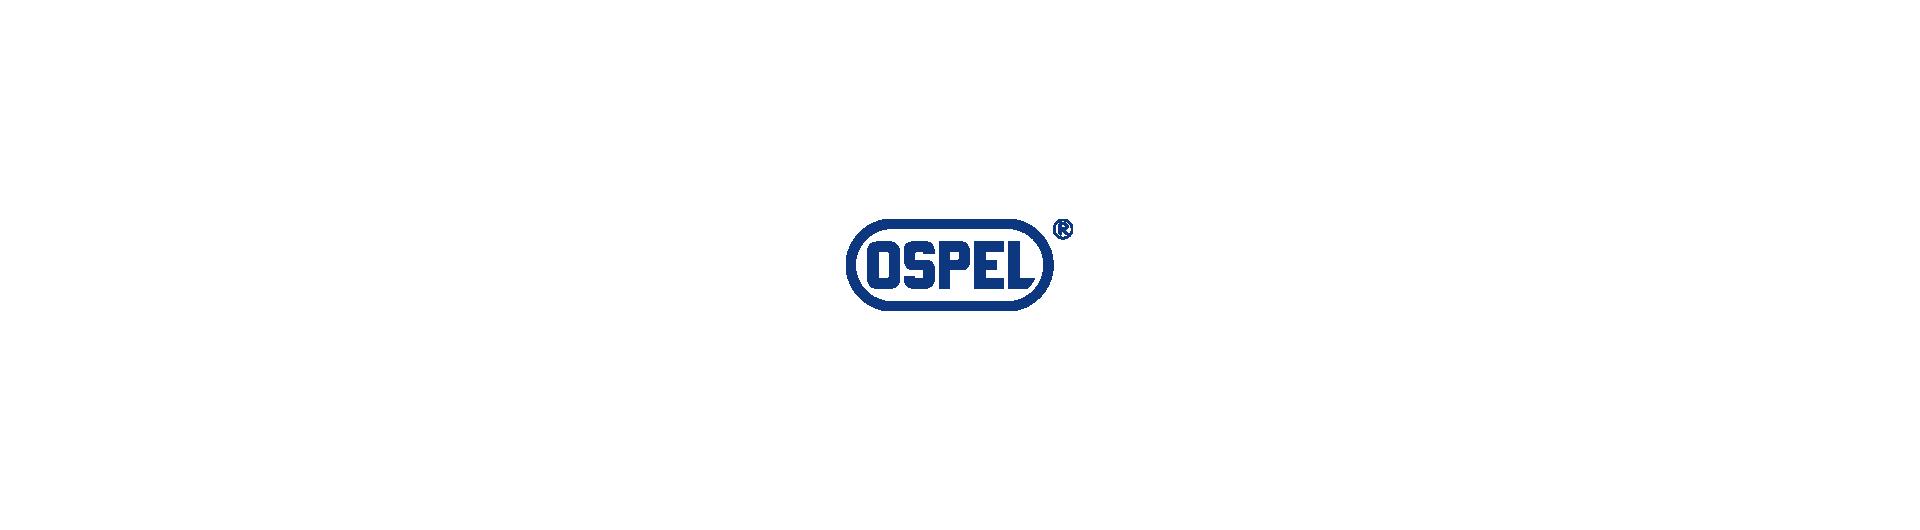 Ospel